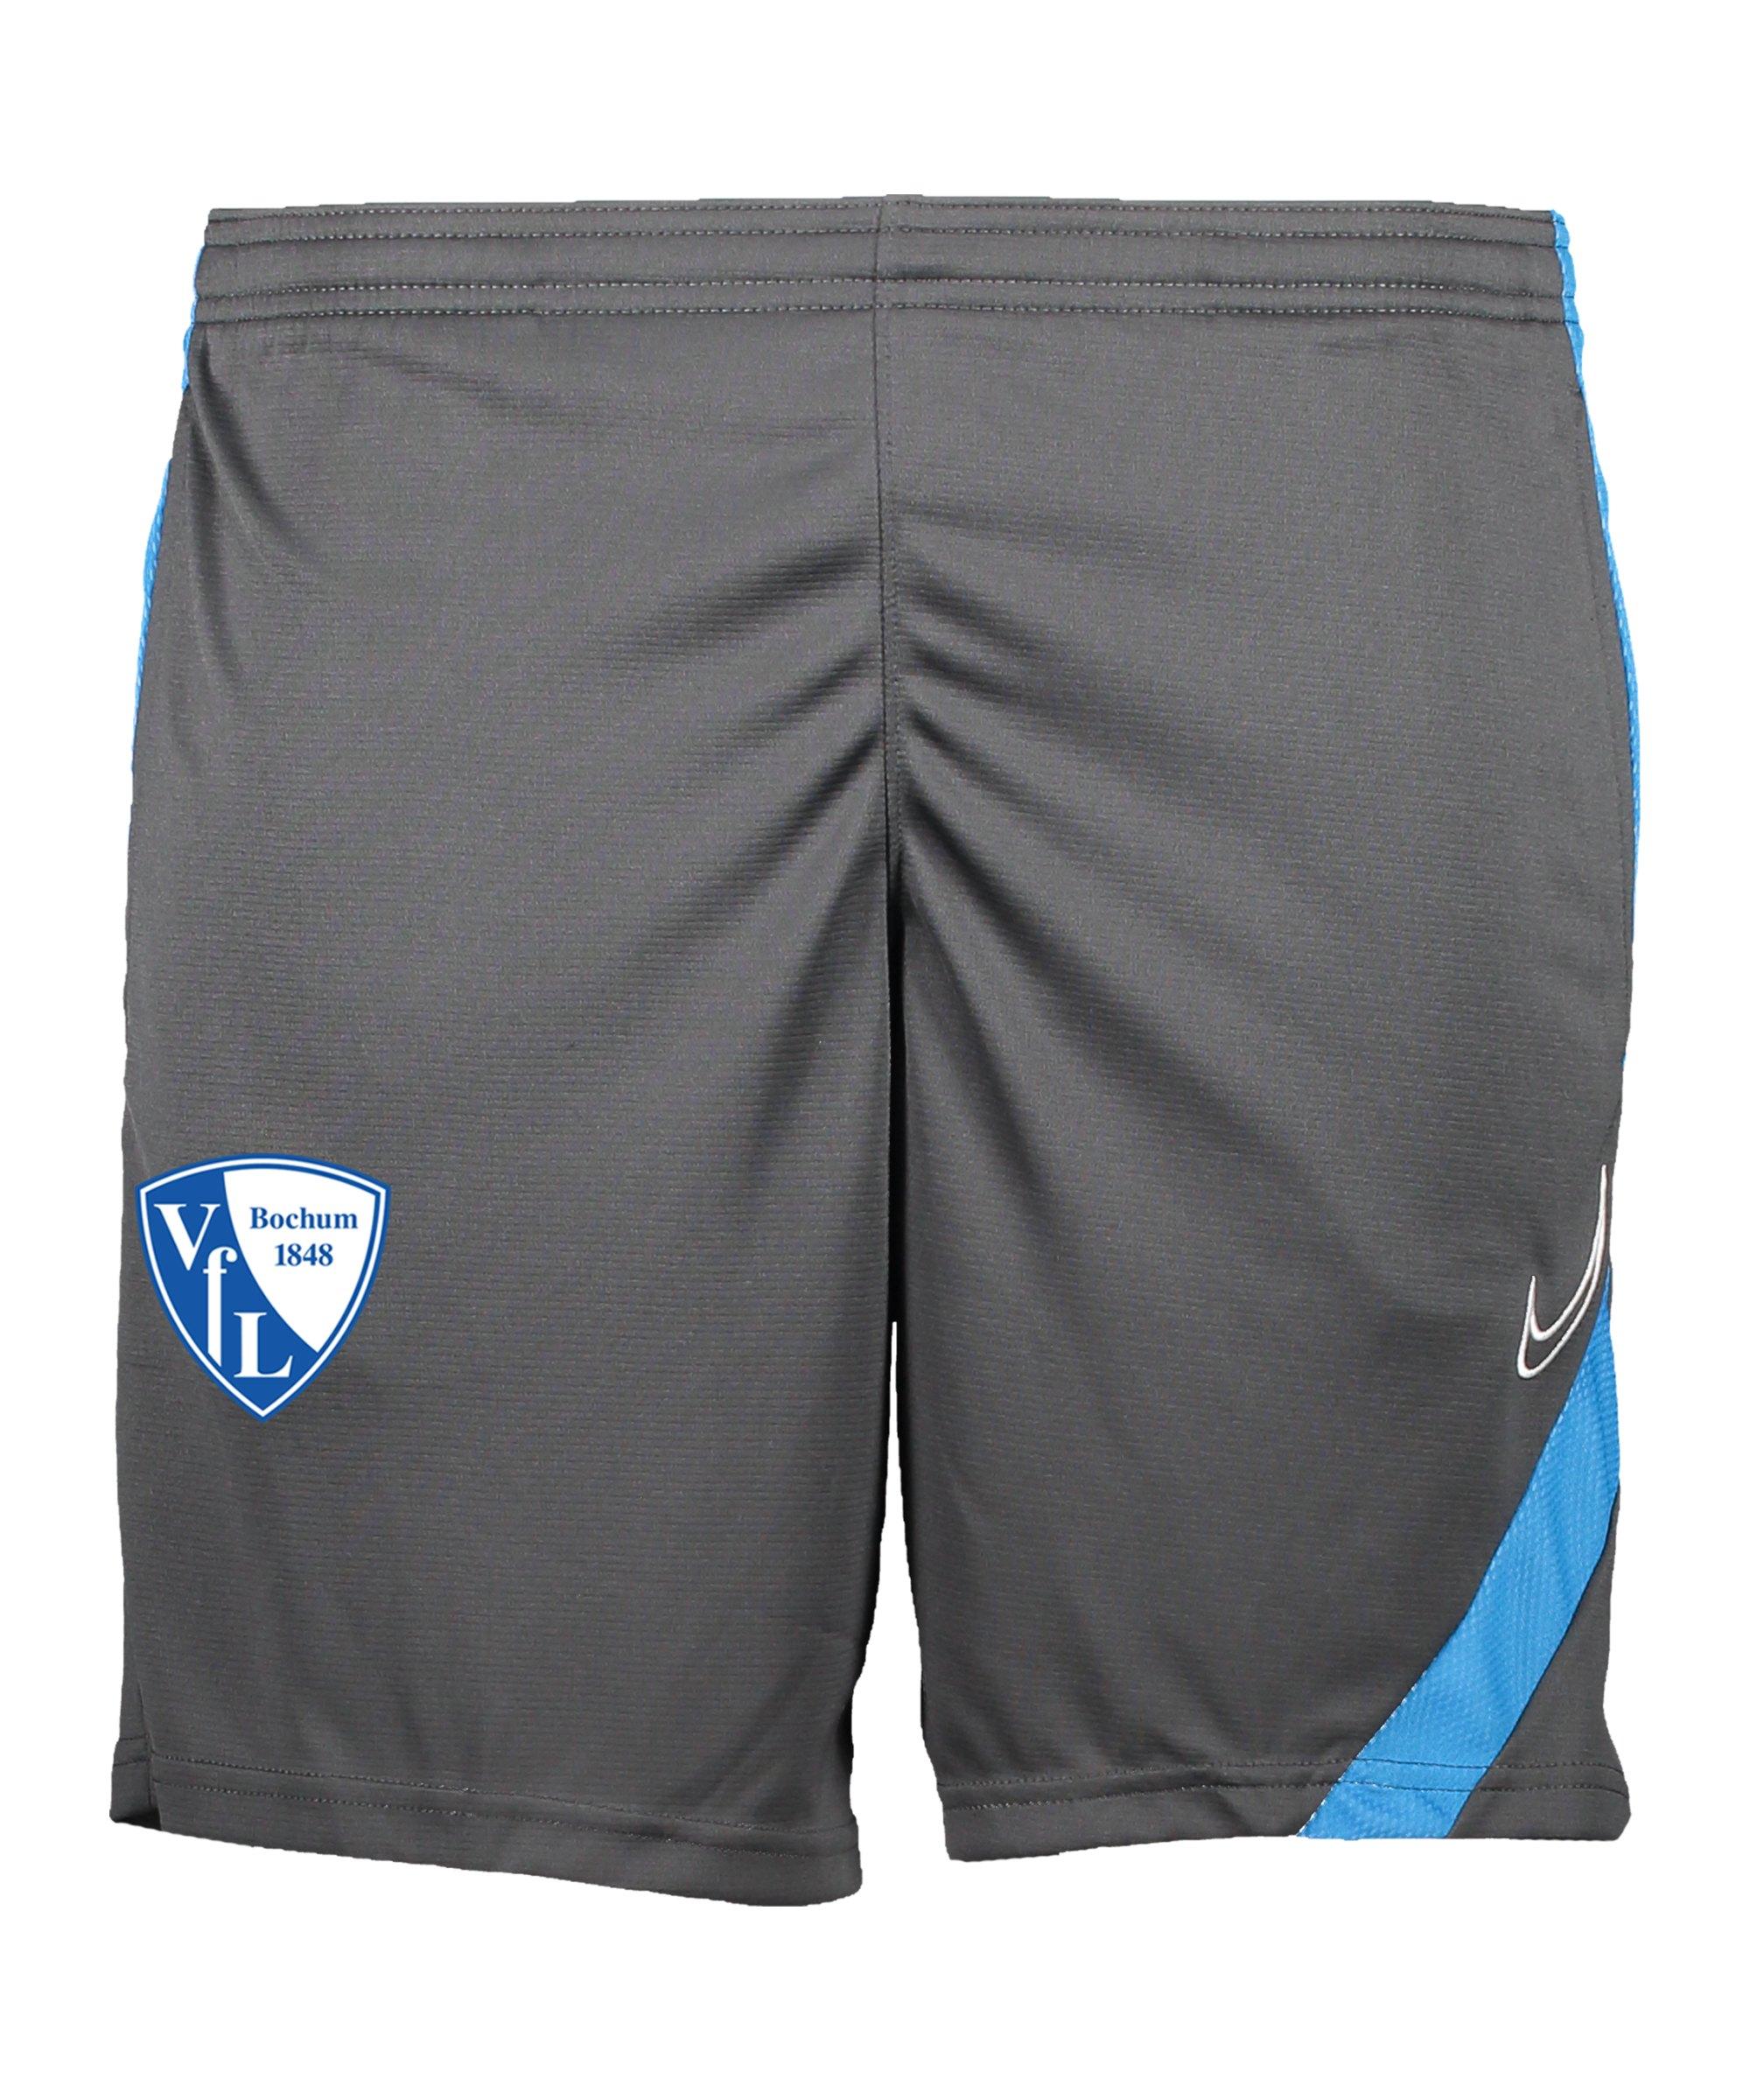 Nike VfL Bochum Trainingsshort Grau F069 - grau